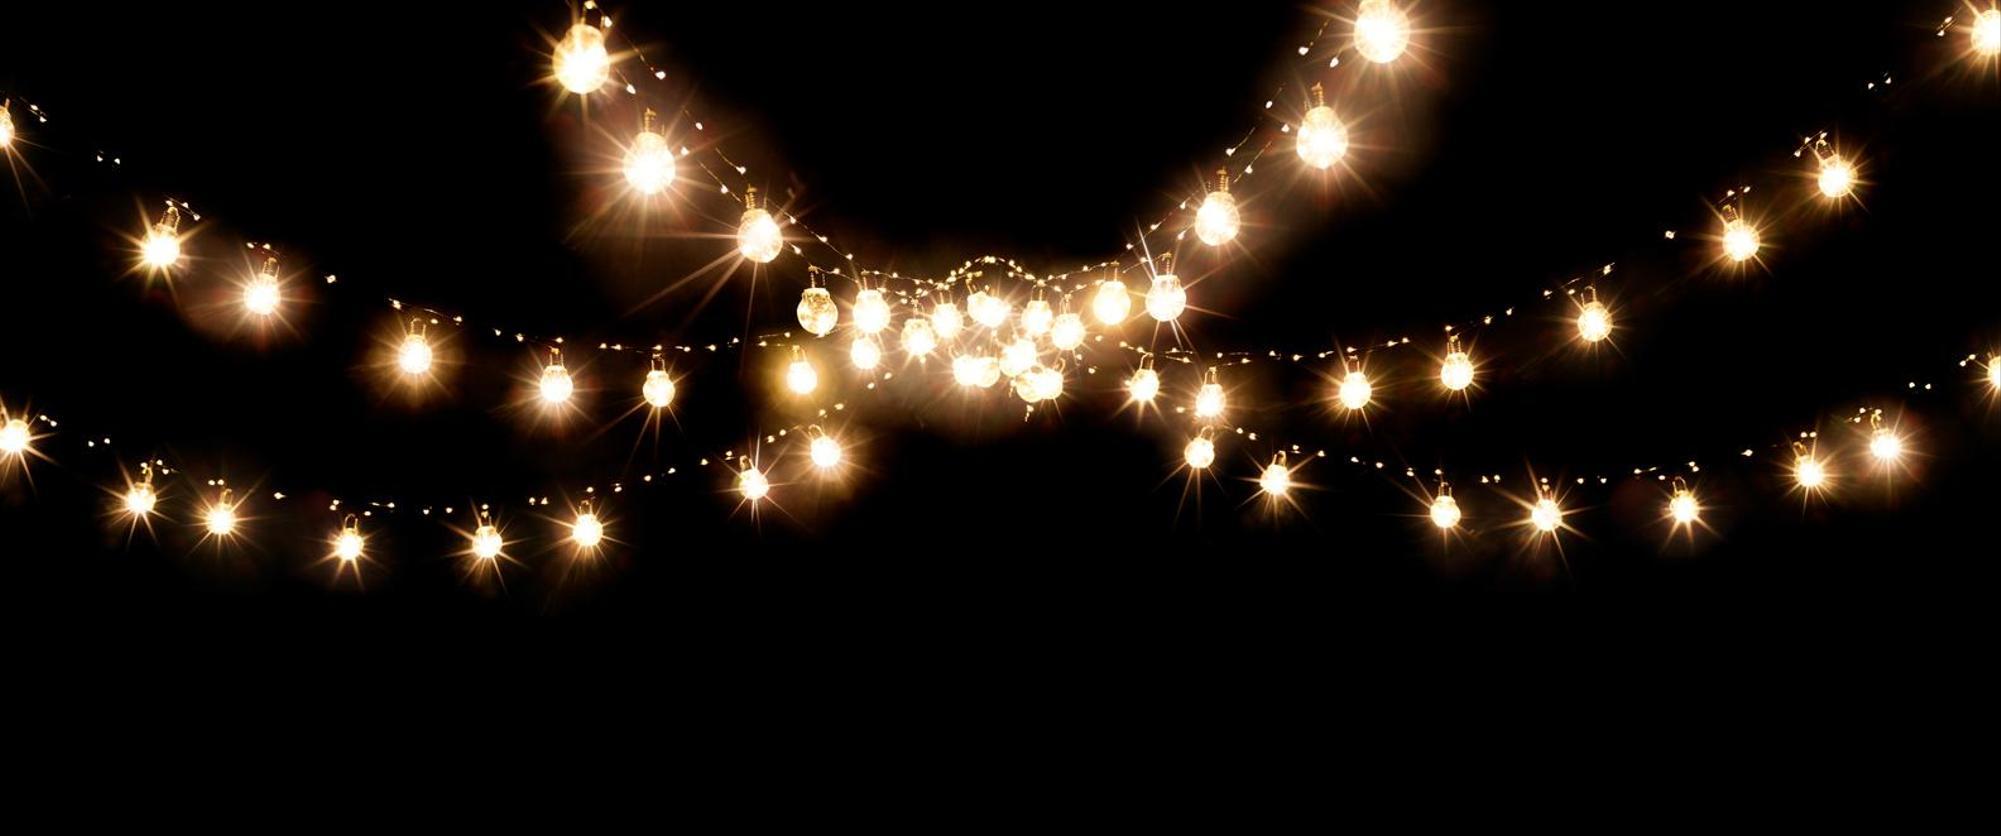 Lohnt sich der Austausch von herkömmlichen Glühlampen durch LED-Lampen? Wird eine 60-Watt-Glühlampe durch eine gleich helle LED-Lampe ersetzt, hat man die graue Energie bereits nach rund 70 Betriebsstunden eingespart. iStock